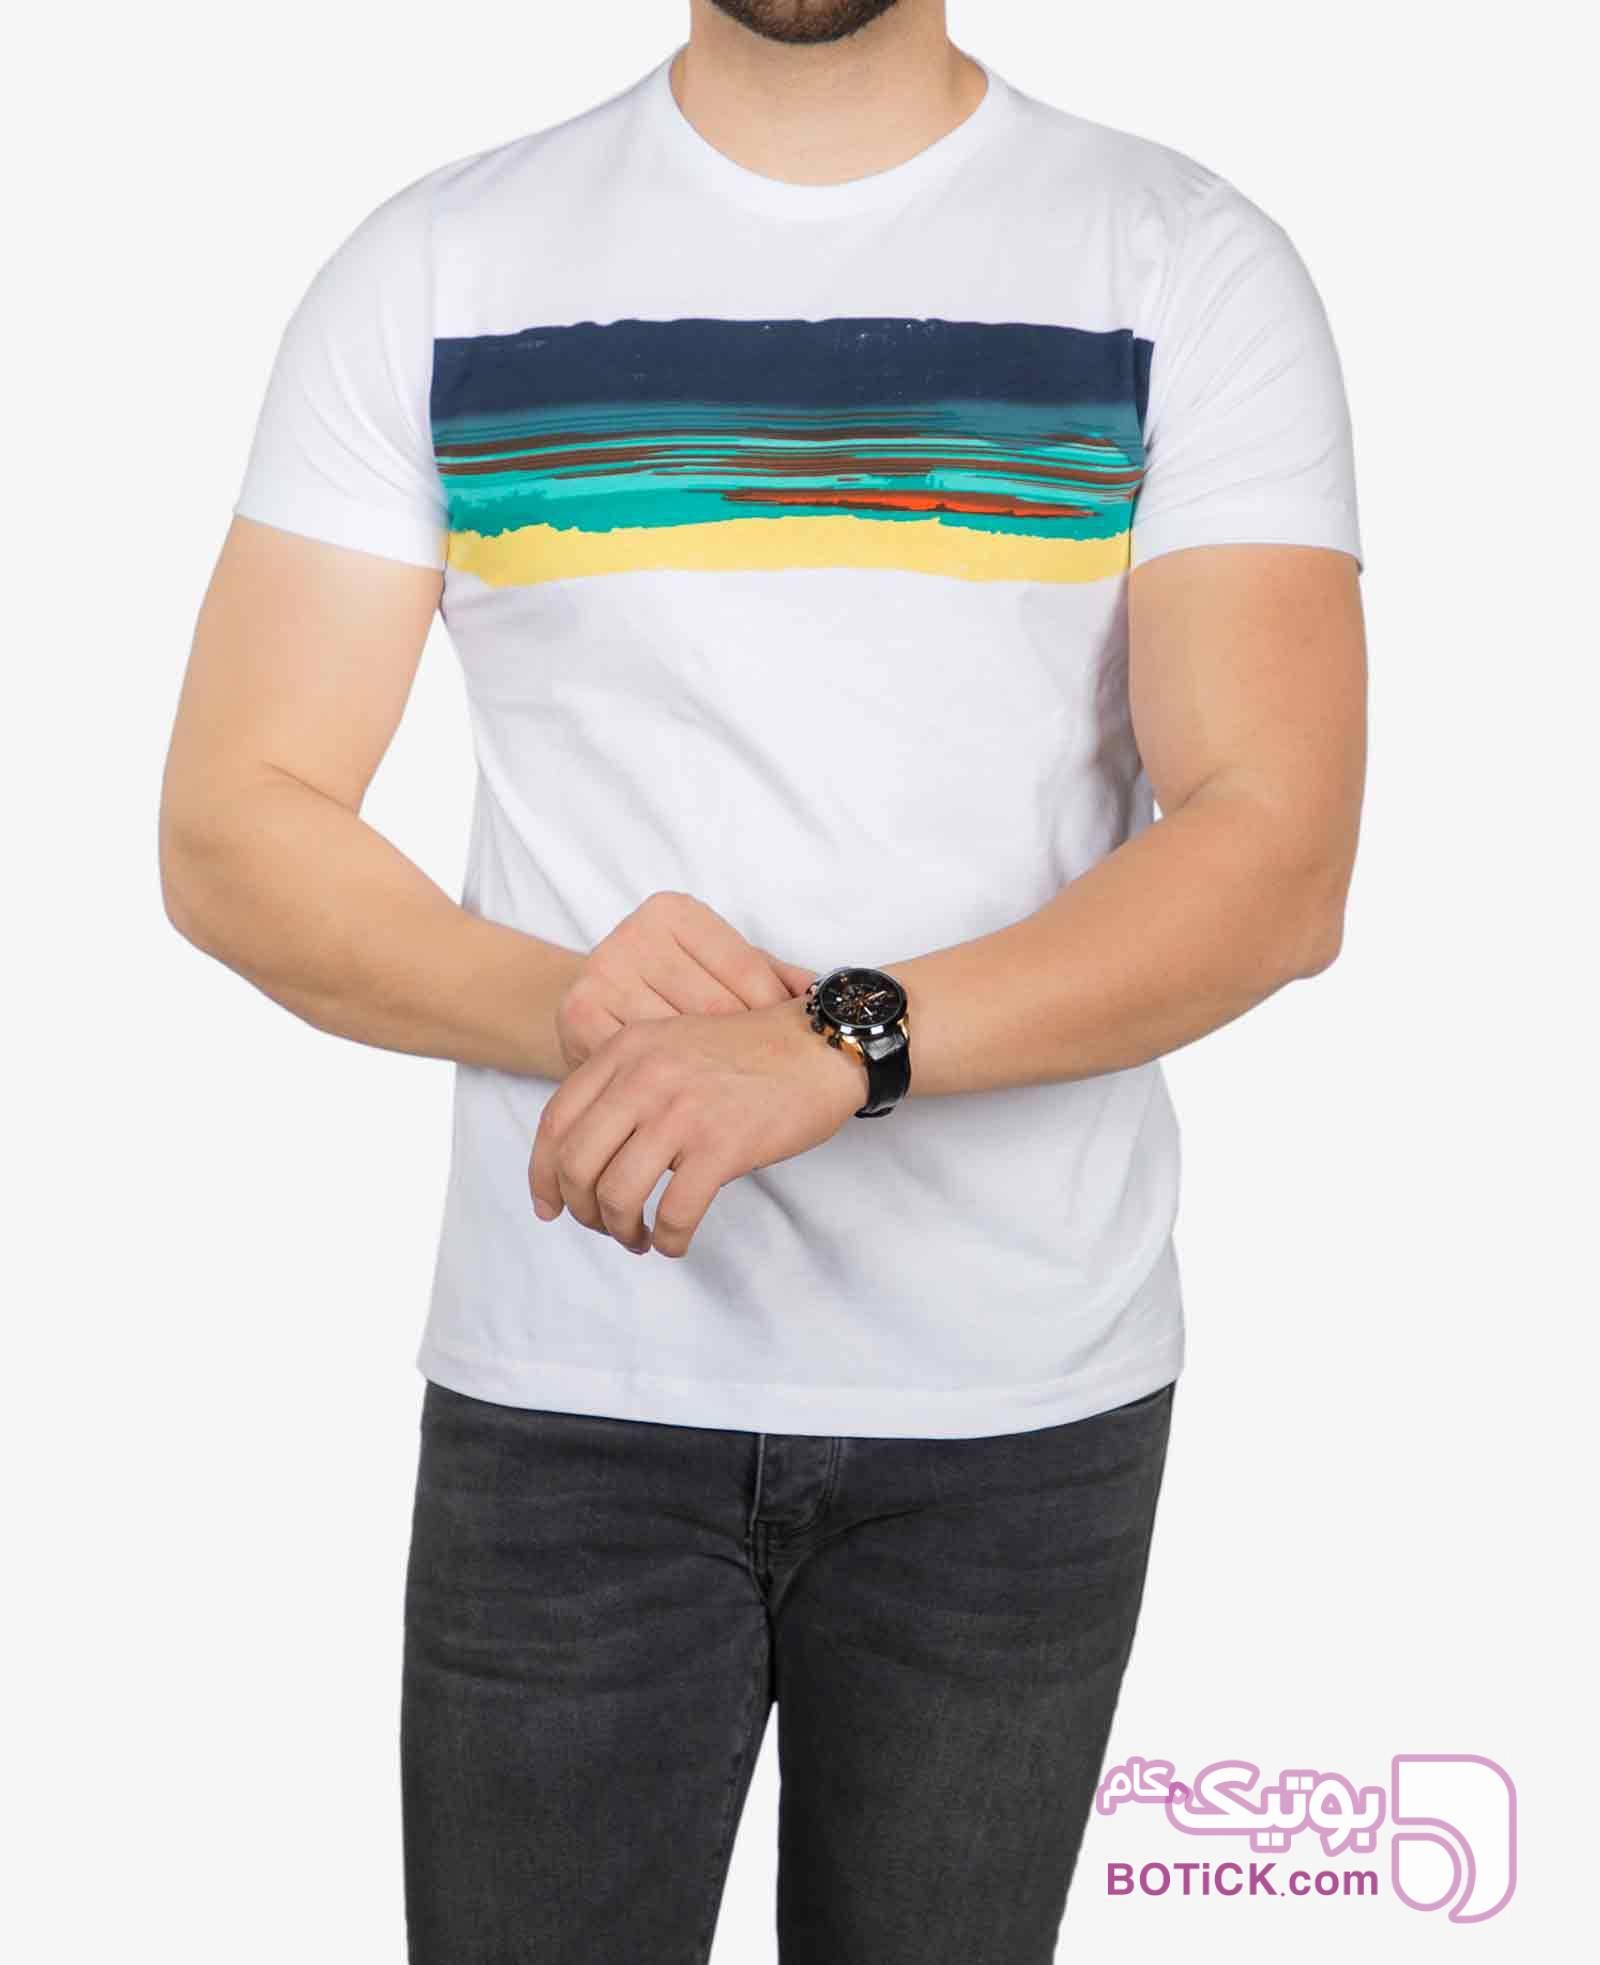 تیشرت سفید طرح دار مردانه سفید تی شرت و پولو شرت مردانه